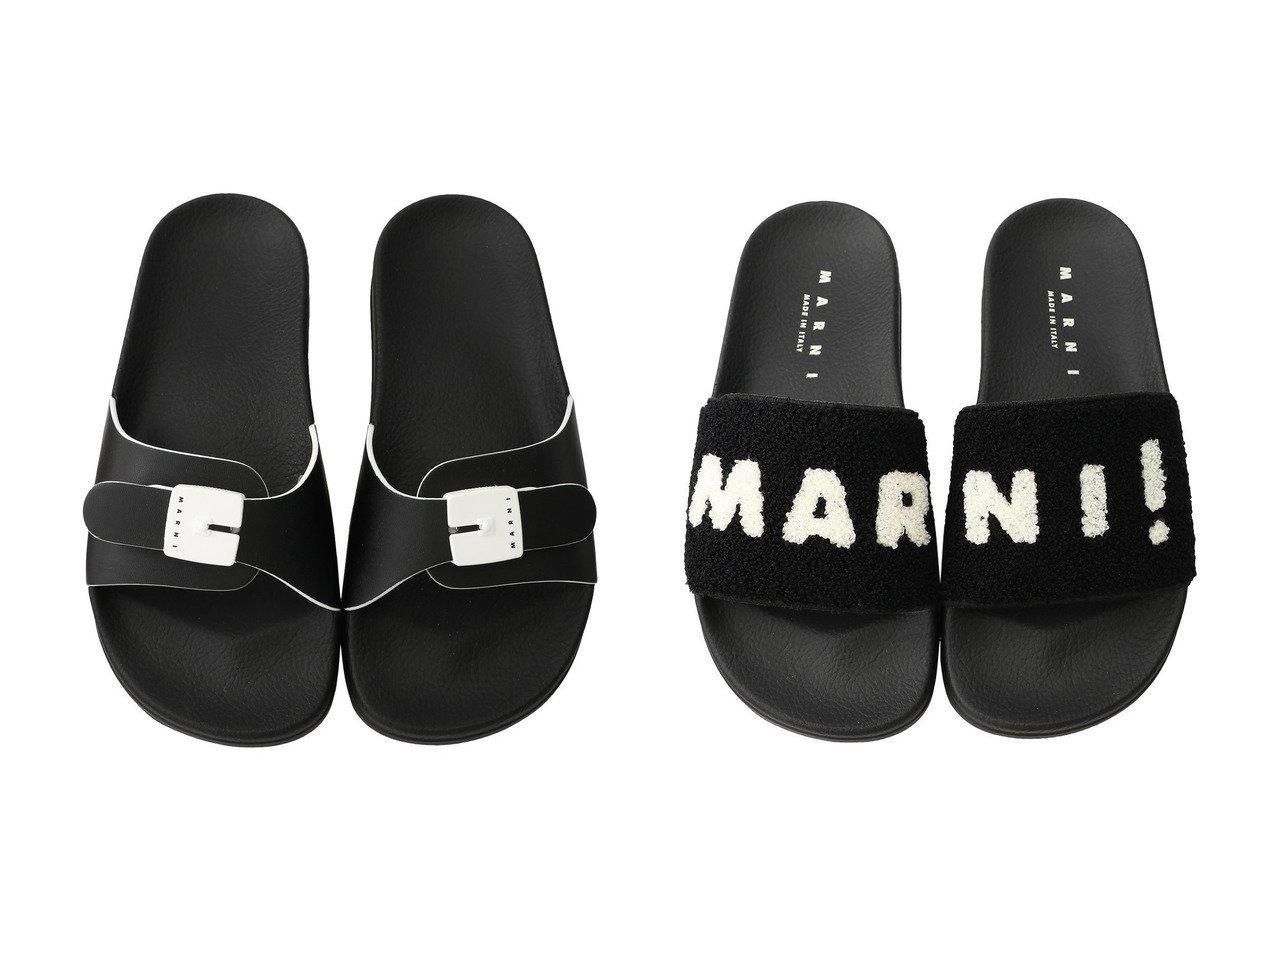 【MARNI/マルニ】のバックル付きスライドサンダル&ロゴ入りスライドサンダル 【シューズ・靴】おすすめ!人気、トレンド・レディースファッションの通販 おすすめで人気の流行・トレンド、ファッションの通販商品 メンズファッション・キッズファッション・インテリア・家具・レディースファッション・服の通販 founy(ファニー) https://founy.com/ ファッション Fashion レディースファッション WOMEN バッグ Bag サンダル シンプル デニム |ID:crp329100000035468